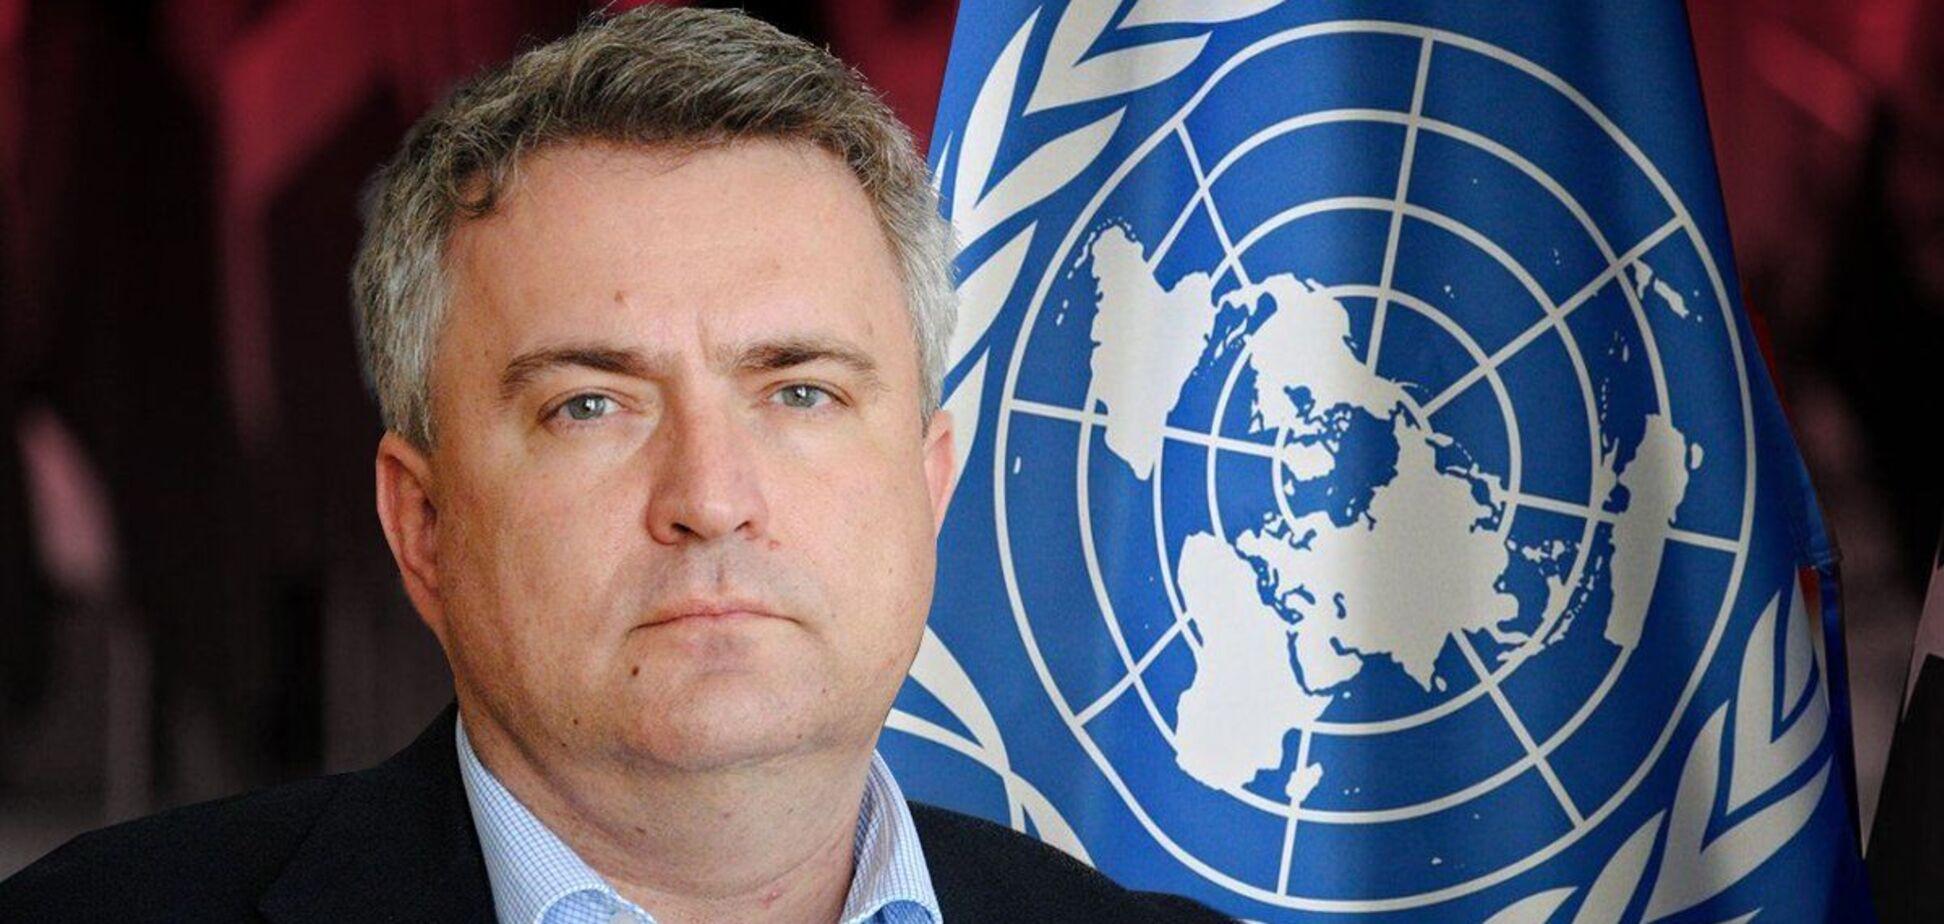 Кислица анонсировал заседание Генеральной Ассамблеи ООН